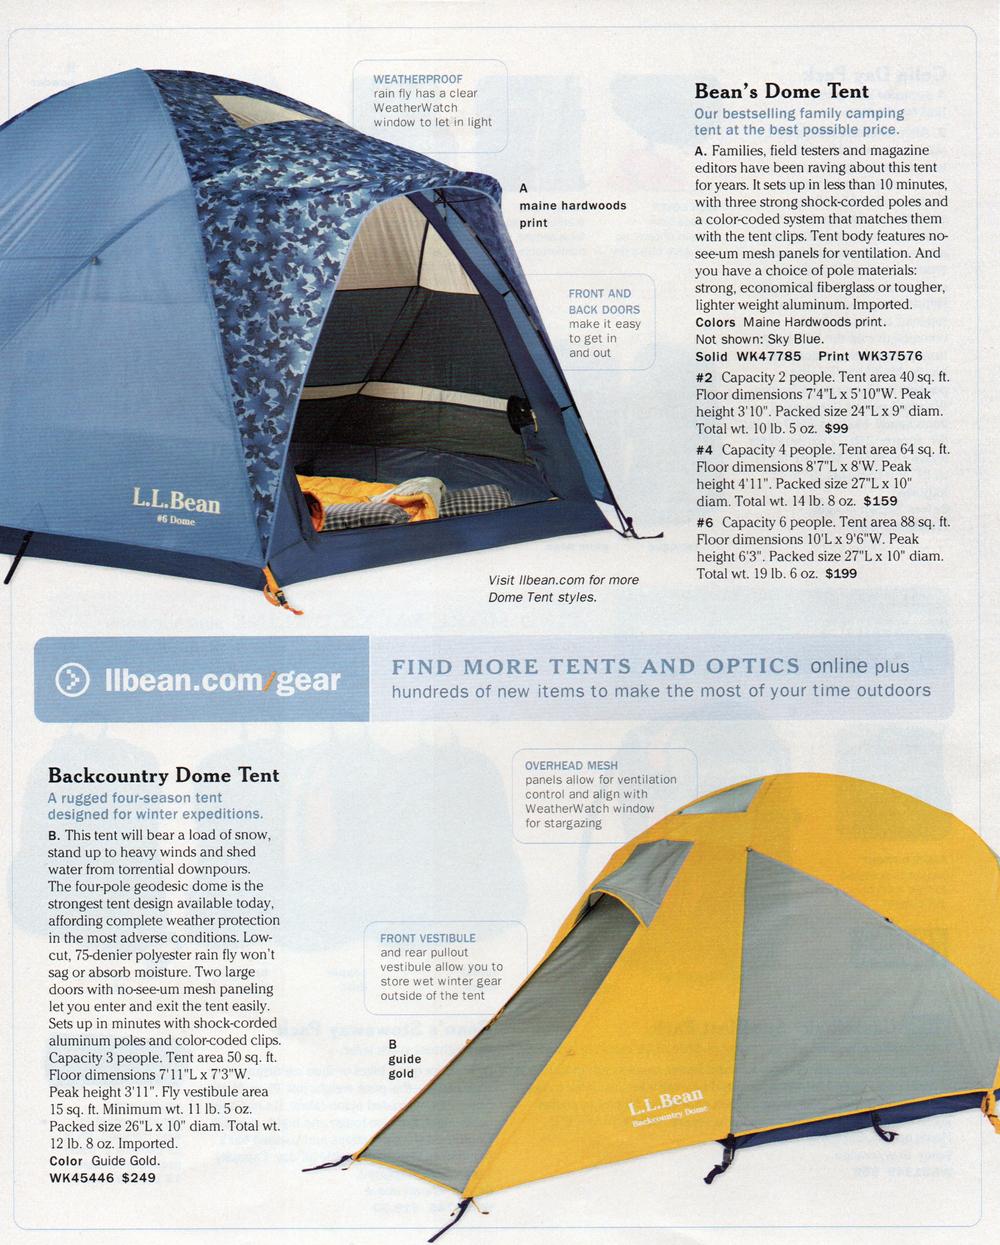 Dome u0026&; Backcountry Tents  sc 1 st  nomad design works & L.L. Bean u2014 NOMAD